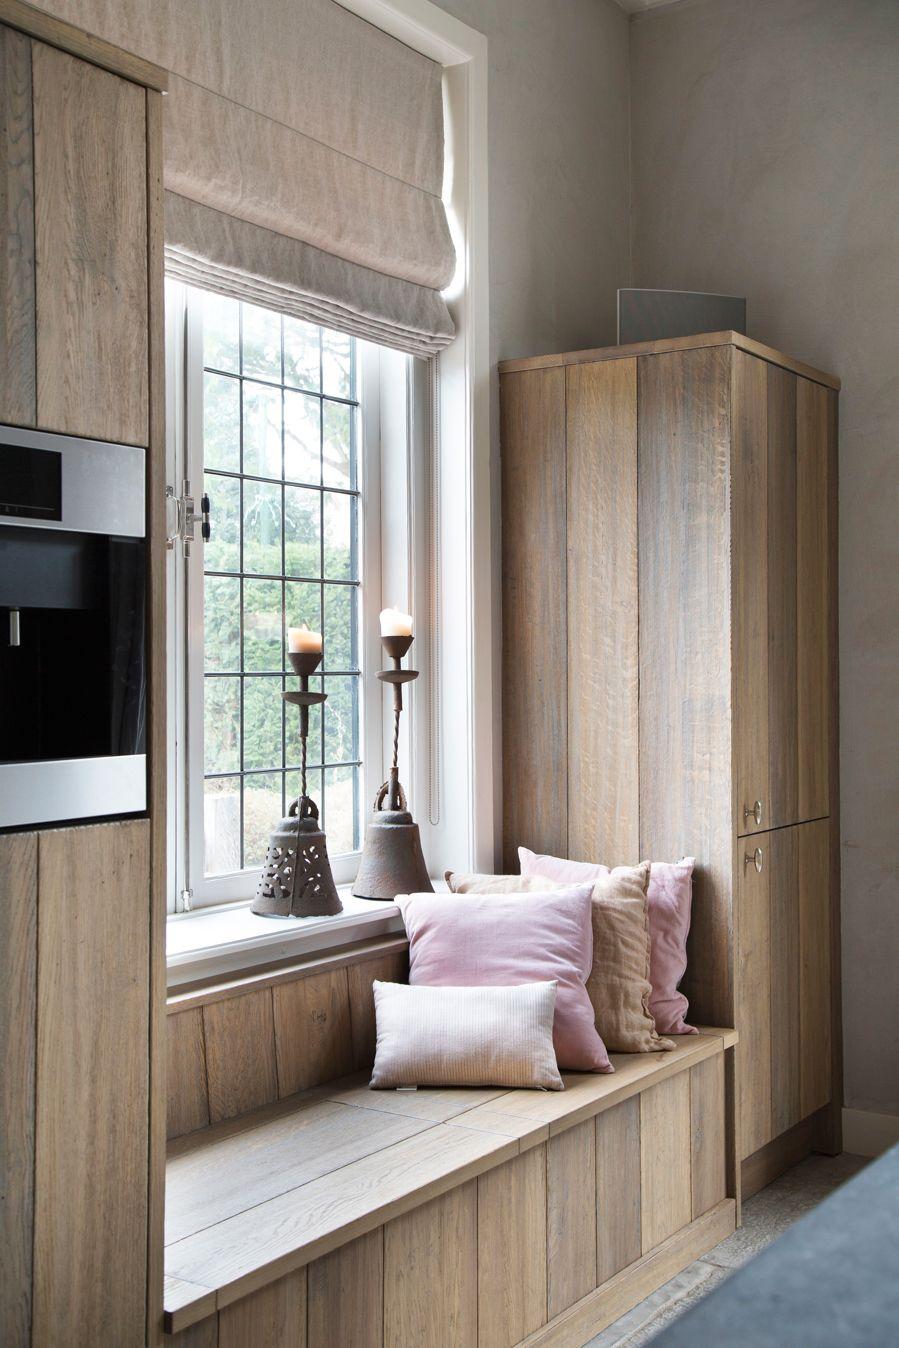 Deze keuken van ruw hout is echt een plaatje doordat de materialen ook zijn…